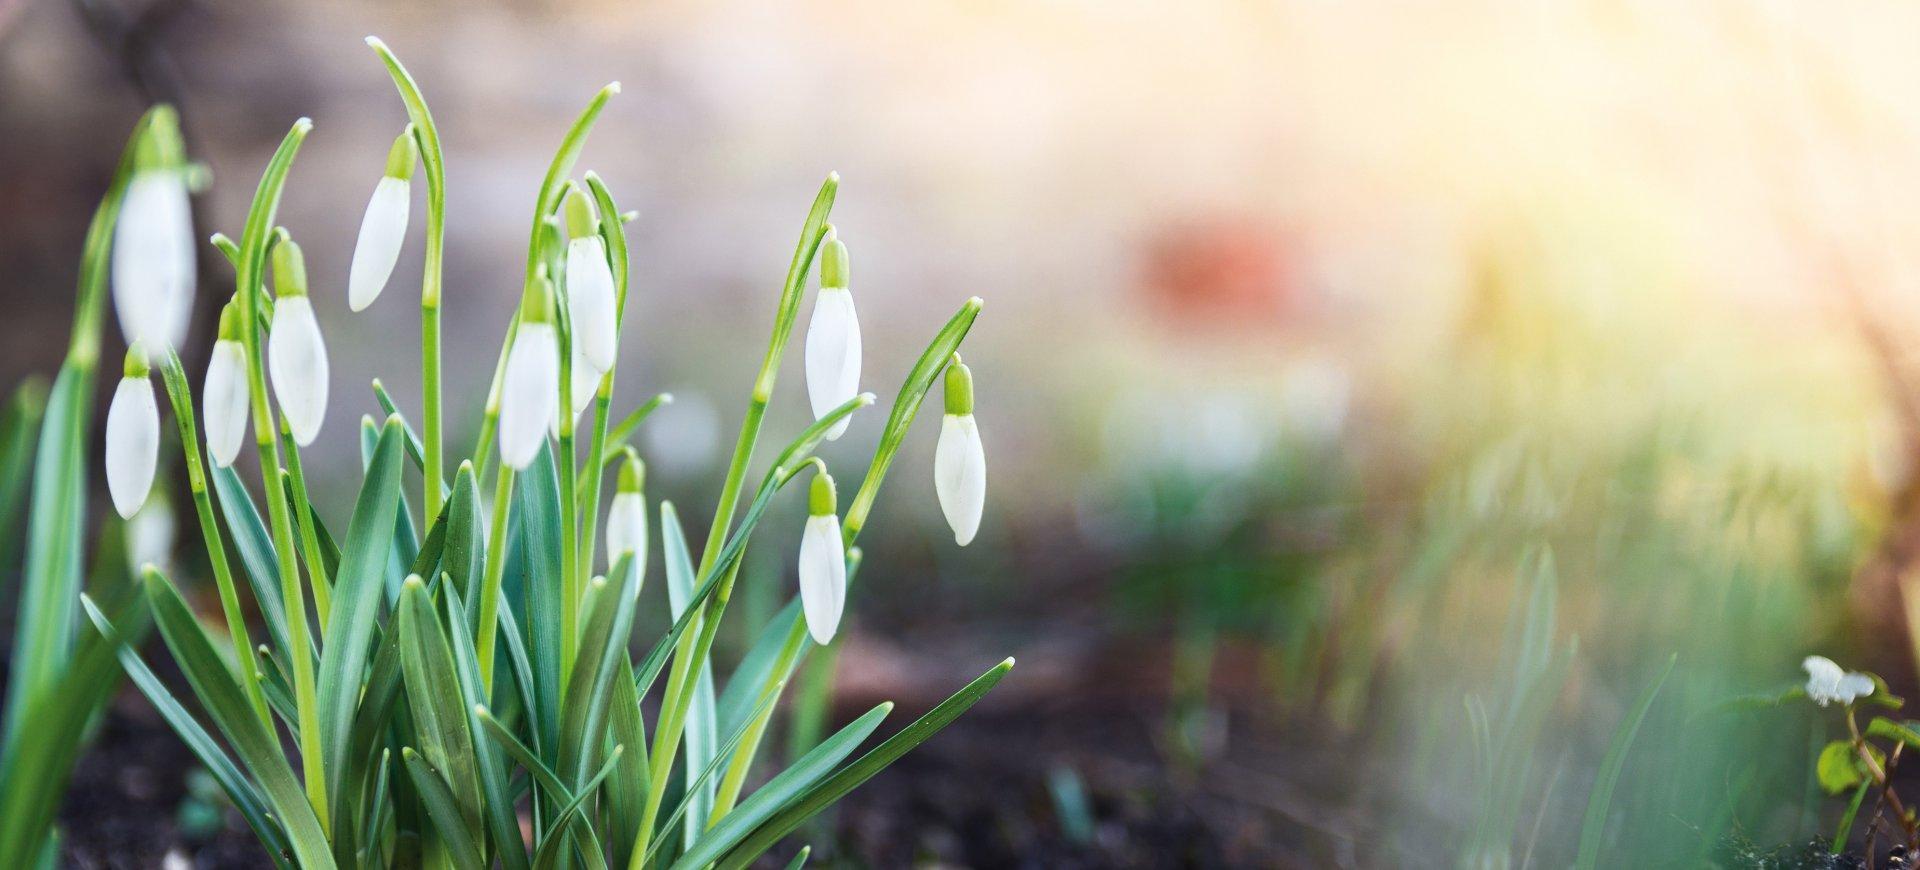 """Noc saunowa  """"Wiosenne przebudzenie"""" 14.03.2020r."""